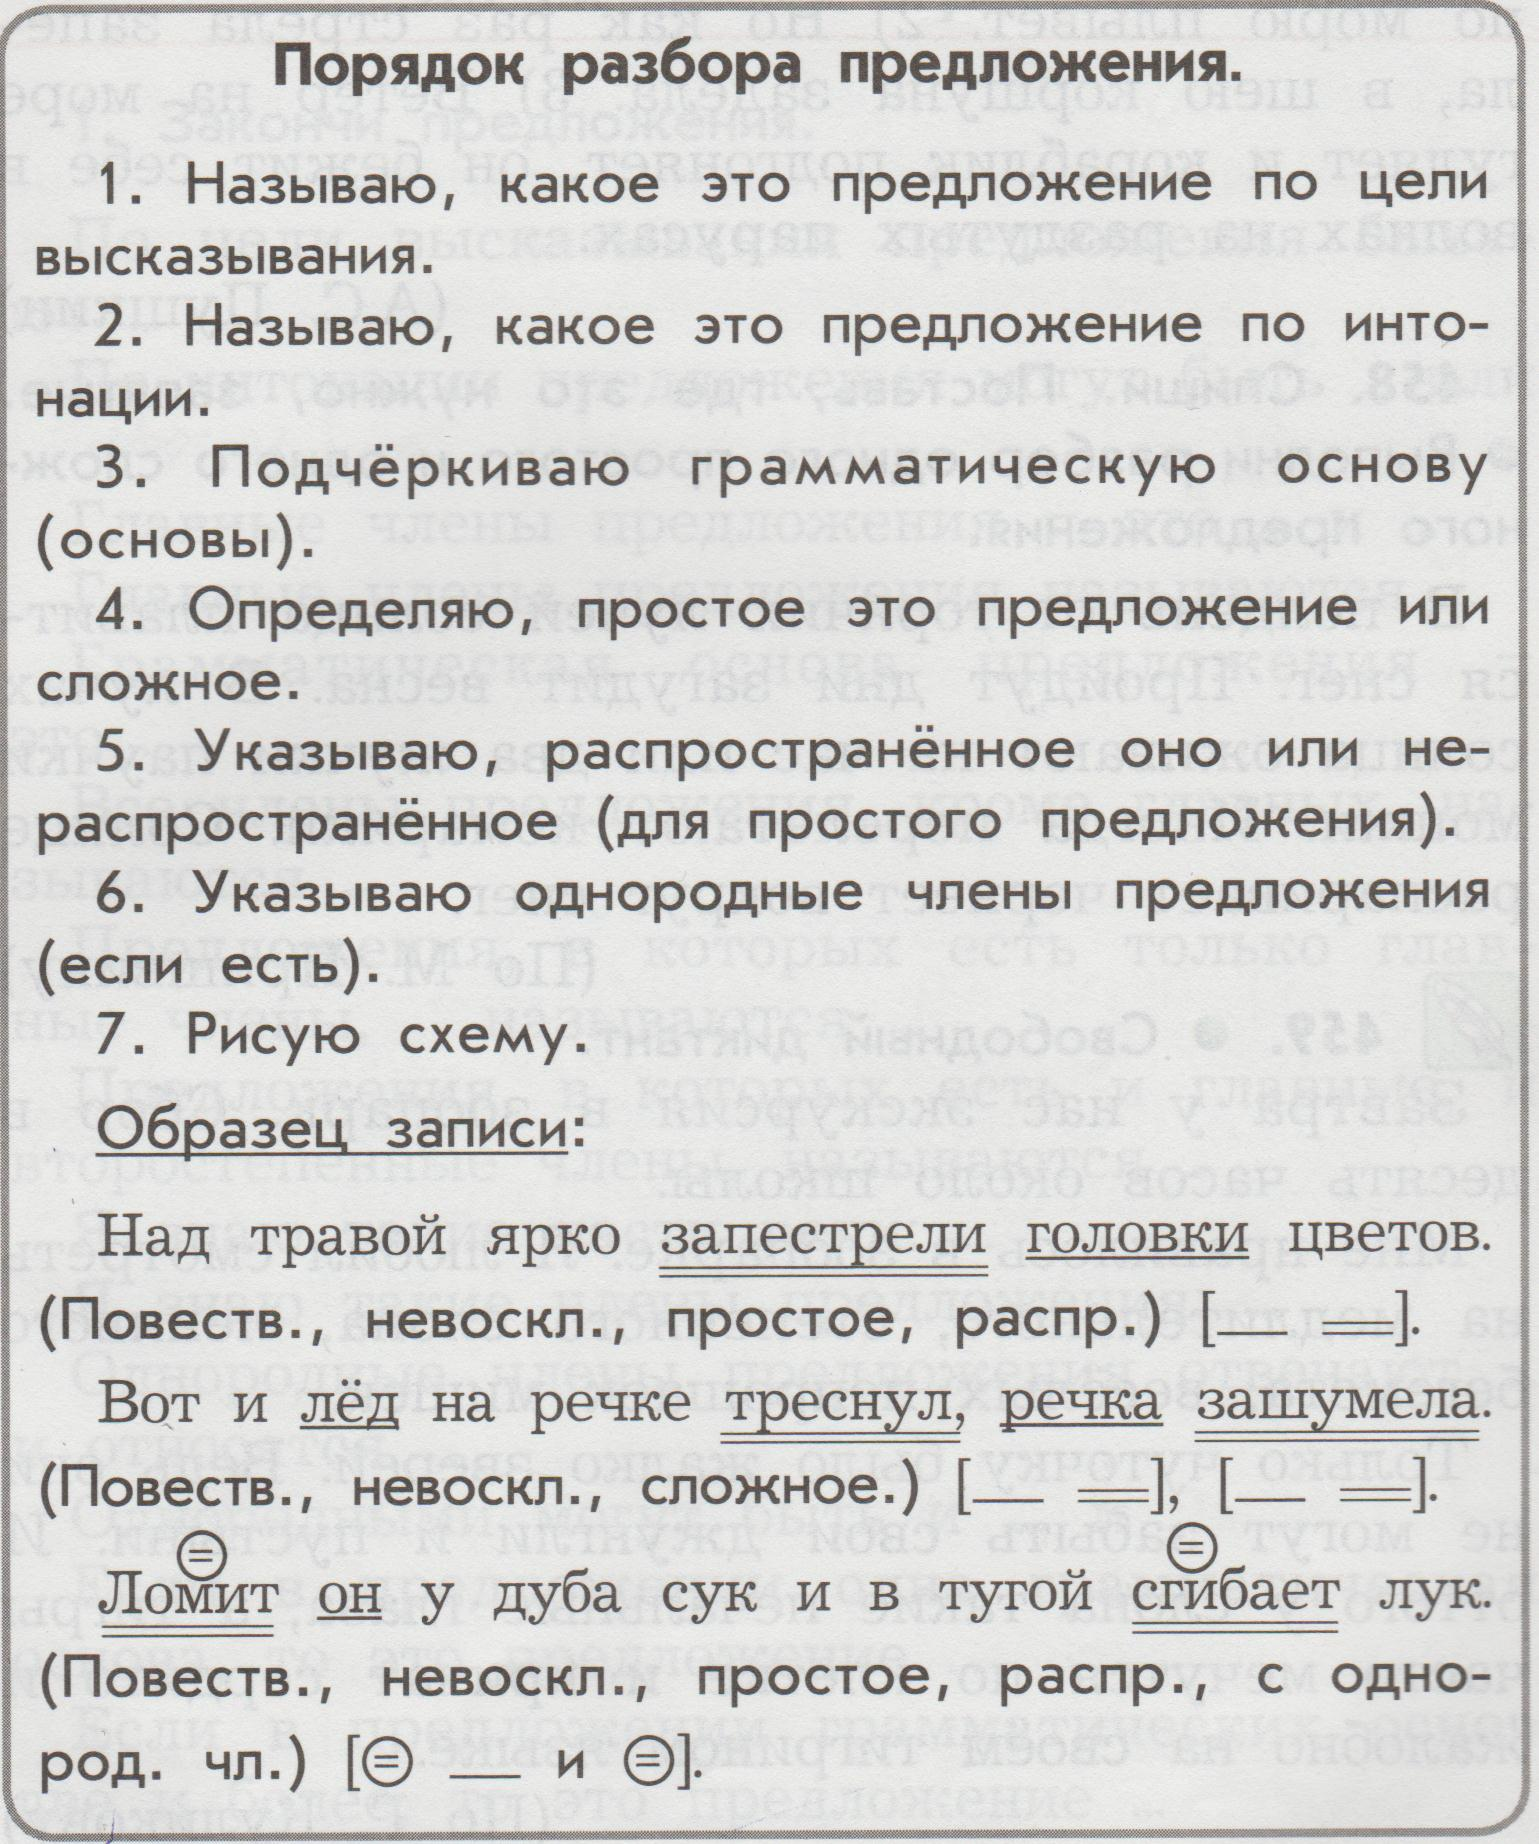 Пикап тренинги знакомства свидания отношения  Владимир